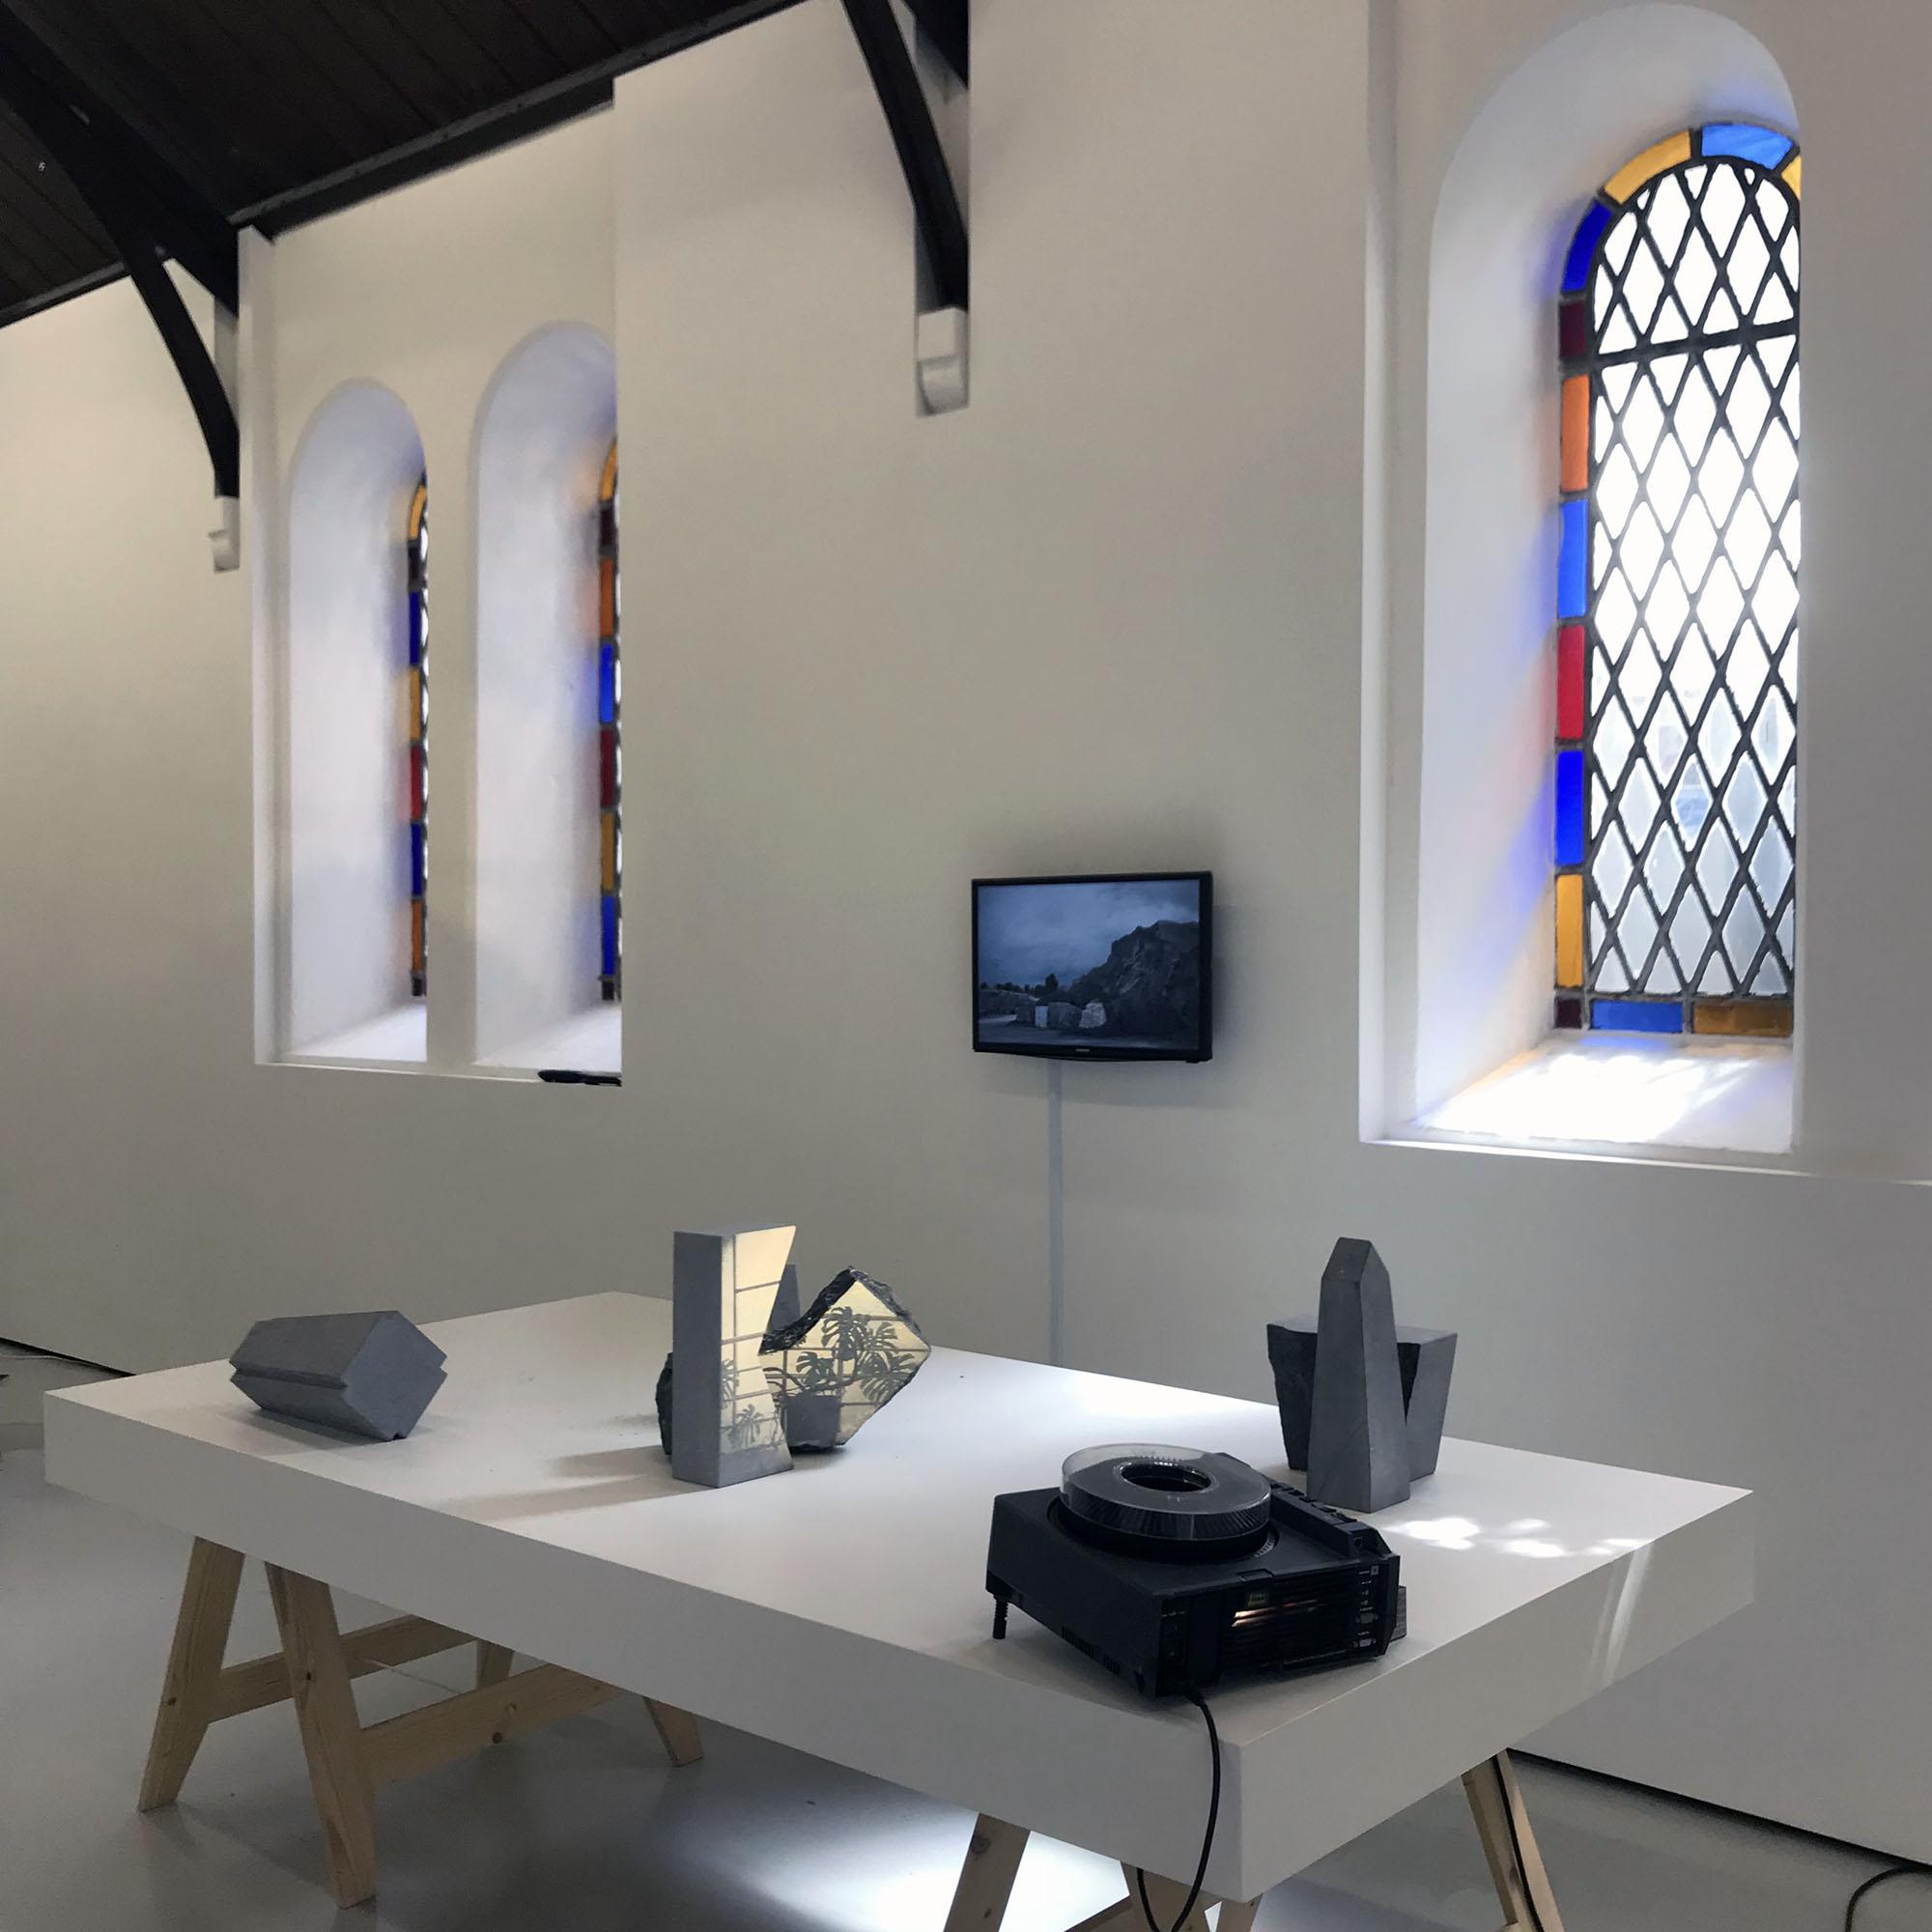 'Irish Limestone' 6 x pieces of cut and polished Irish Limestone, 2018